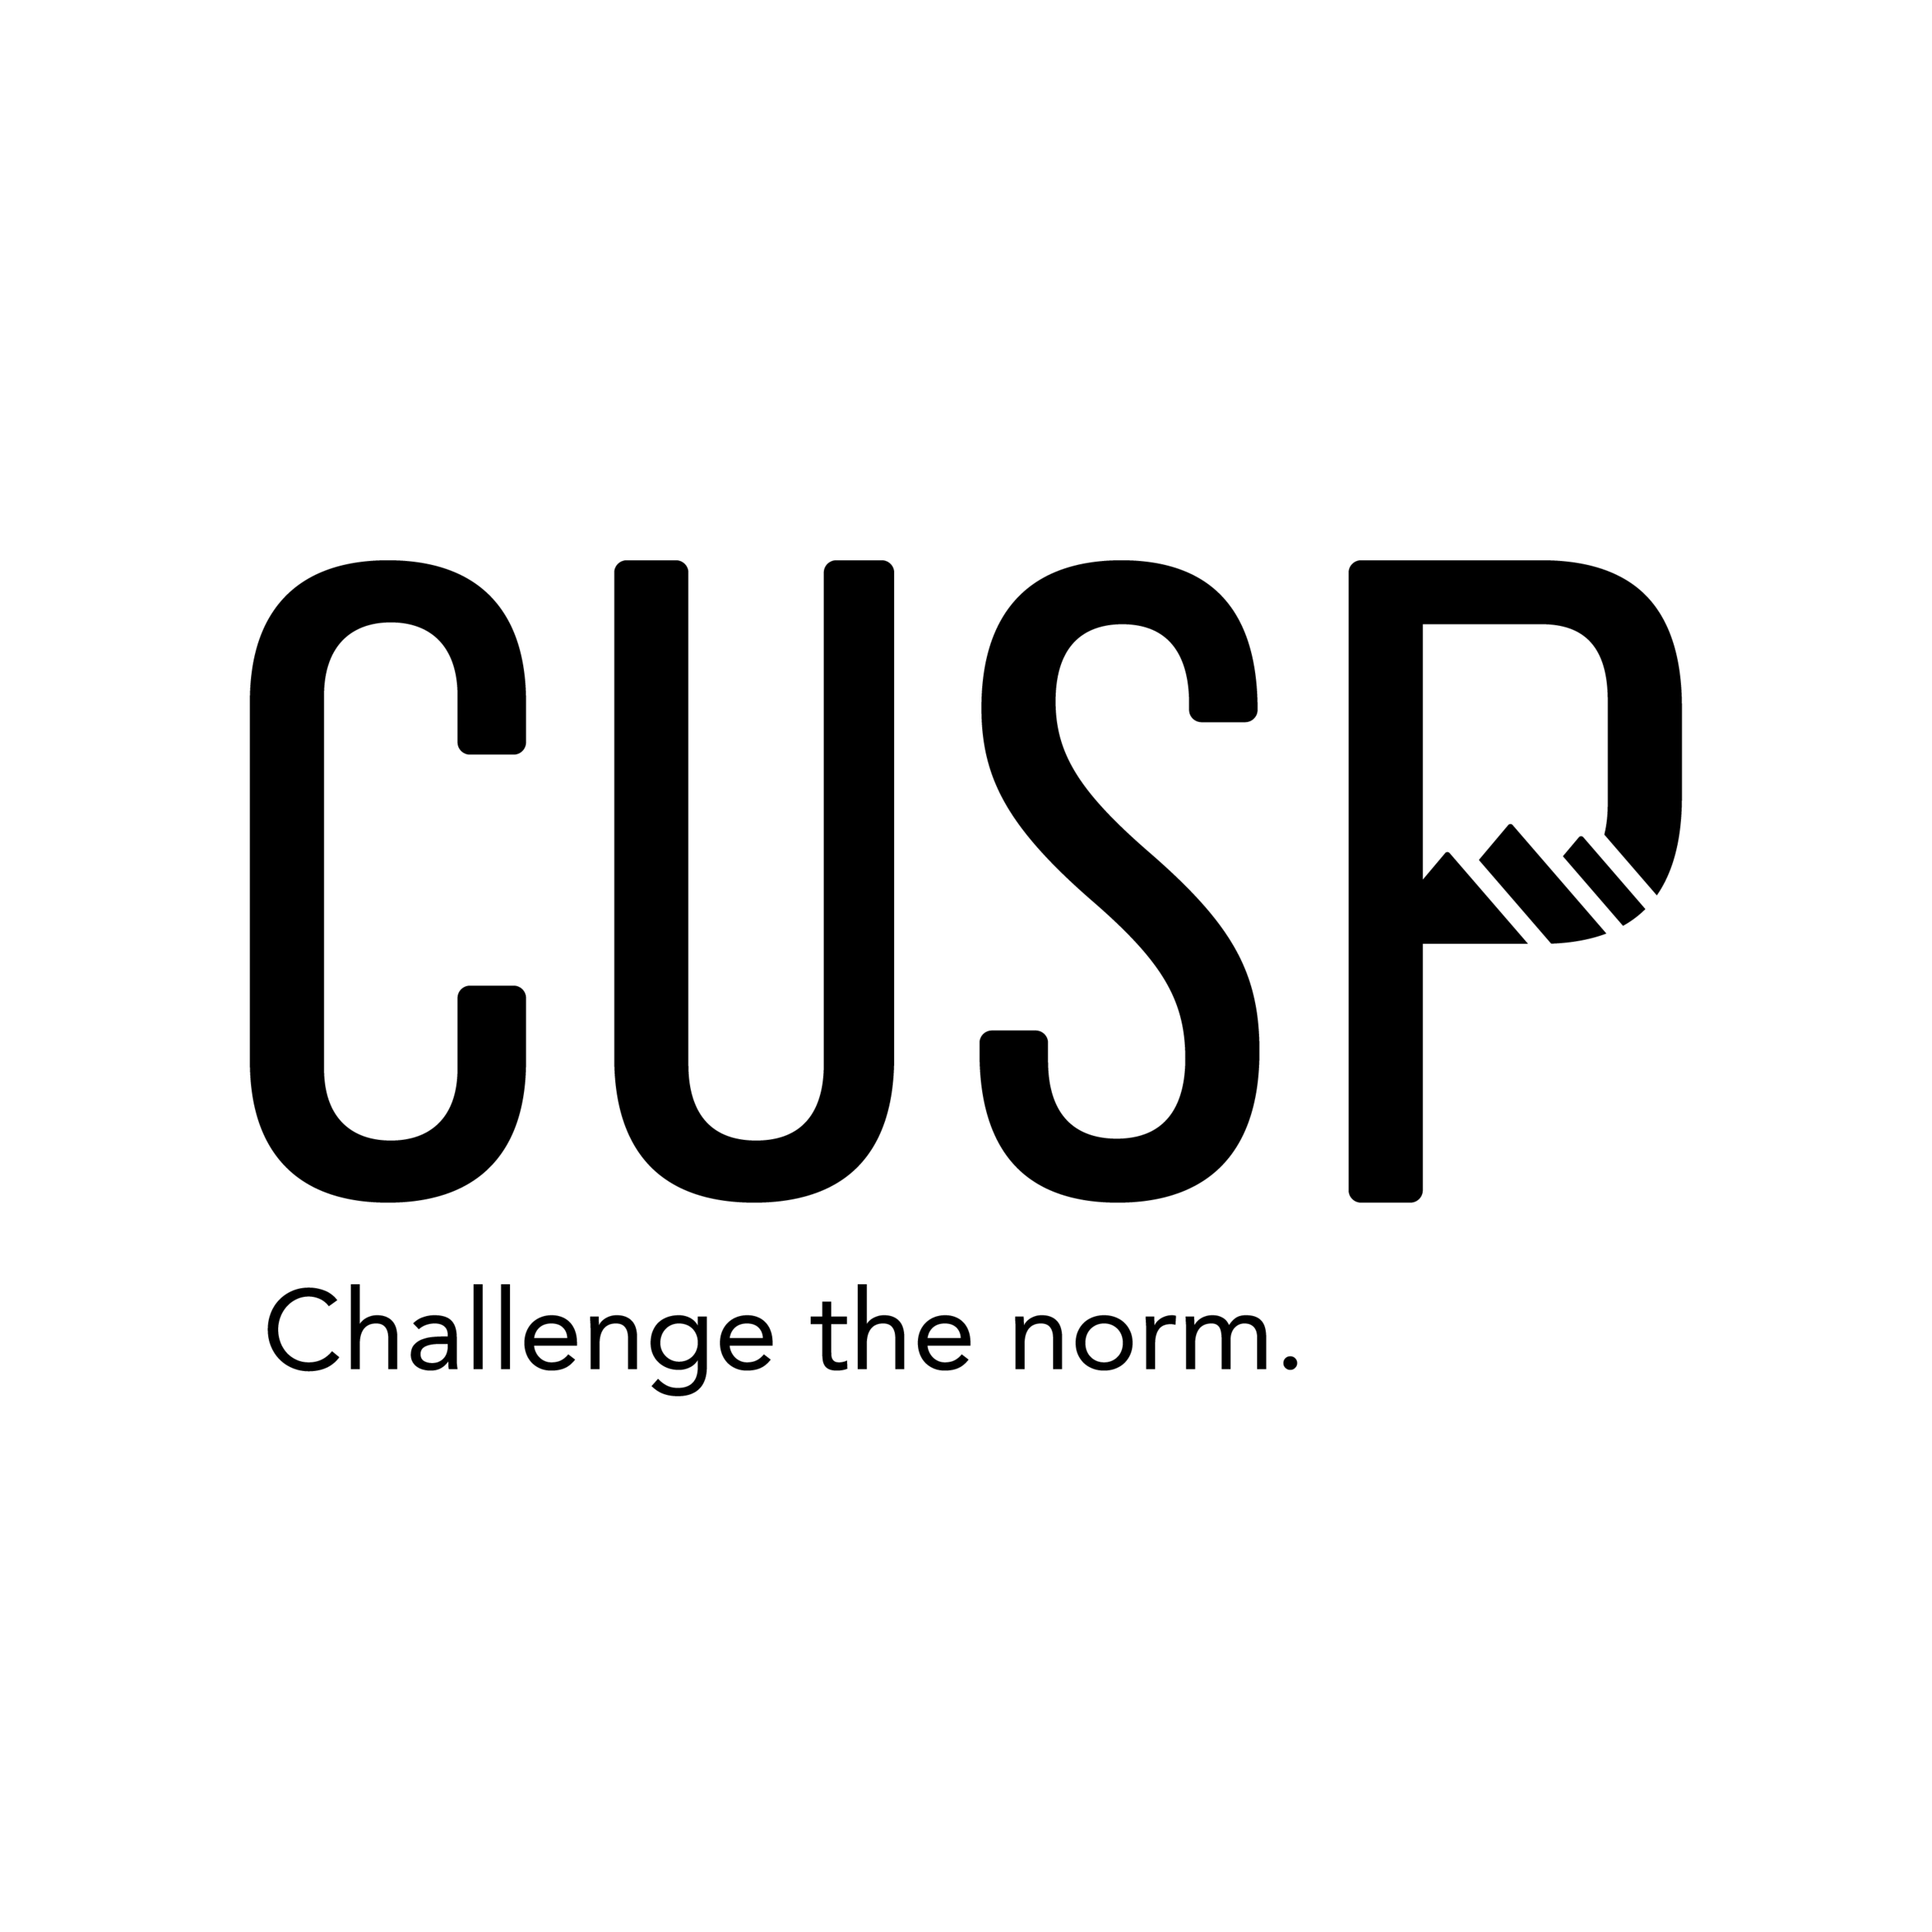 SparksiteCUSP-01.png